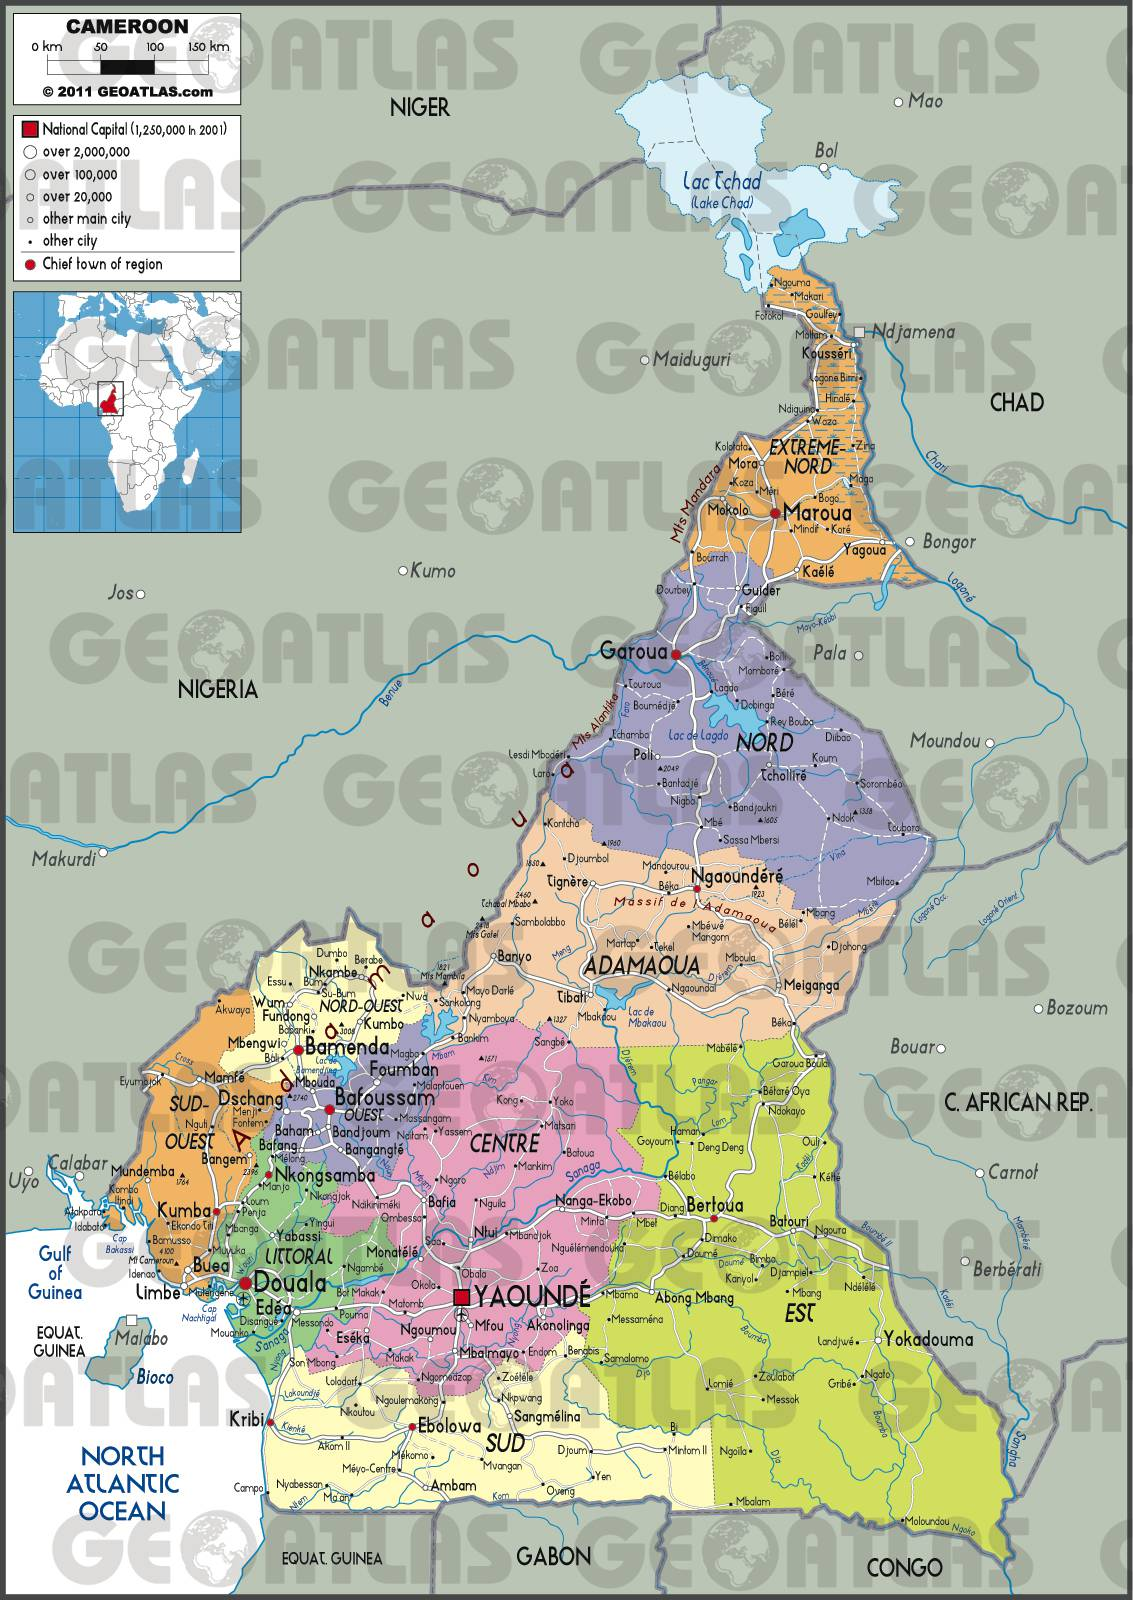 Carte des régions du Cameroun